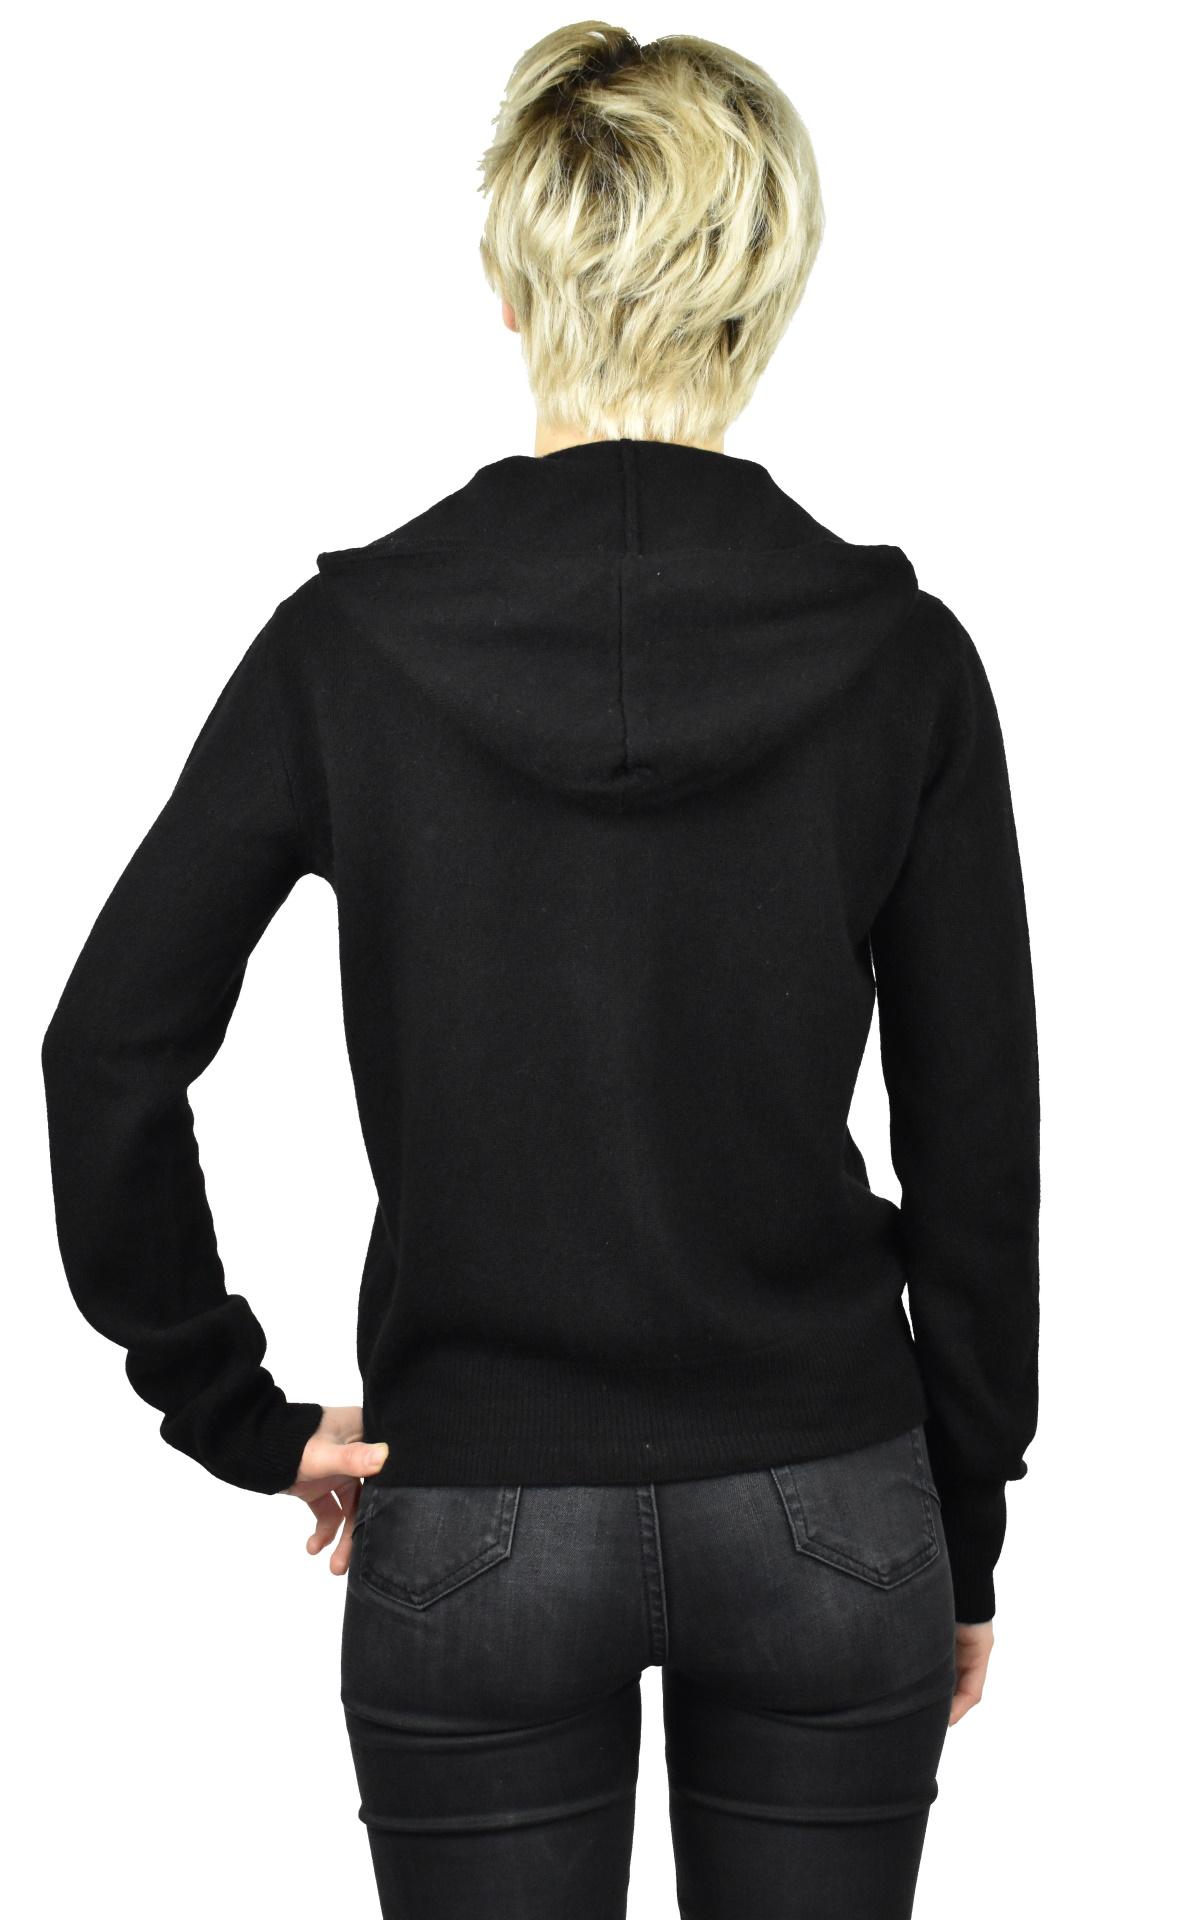 LILIMBA NERO CARDIGAN DONNA CON CAPPUCCIO 100 CASHMERE MANICA LUNGA 1 1stAmerican cardigan con cappuccio 100% puro cashmere Made in Italy da donna con chiusura a zip - finezza 12